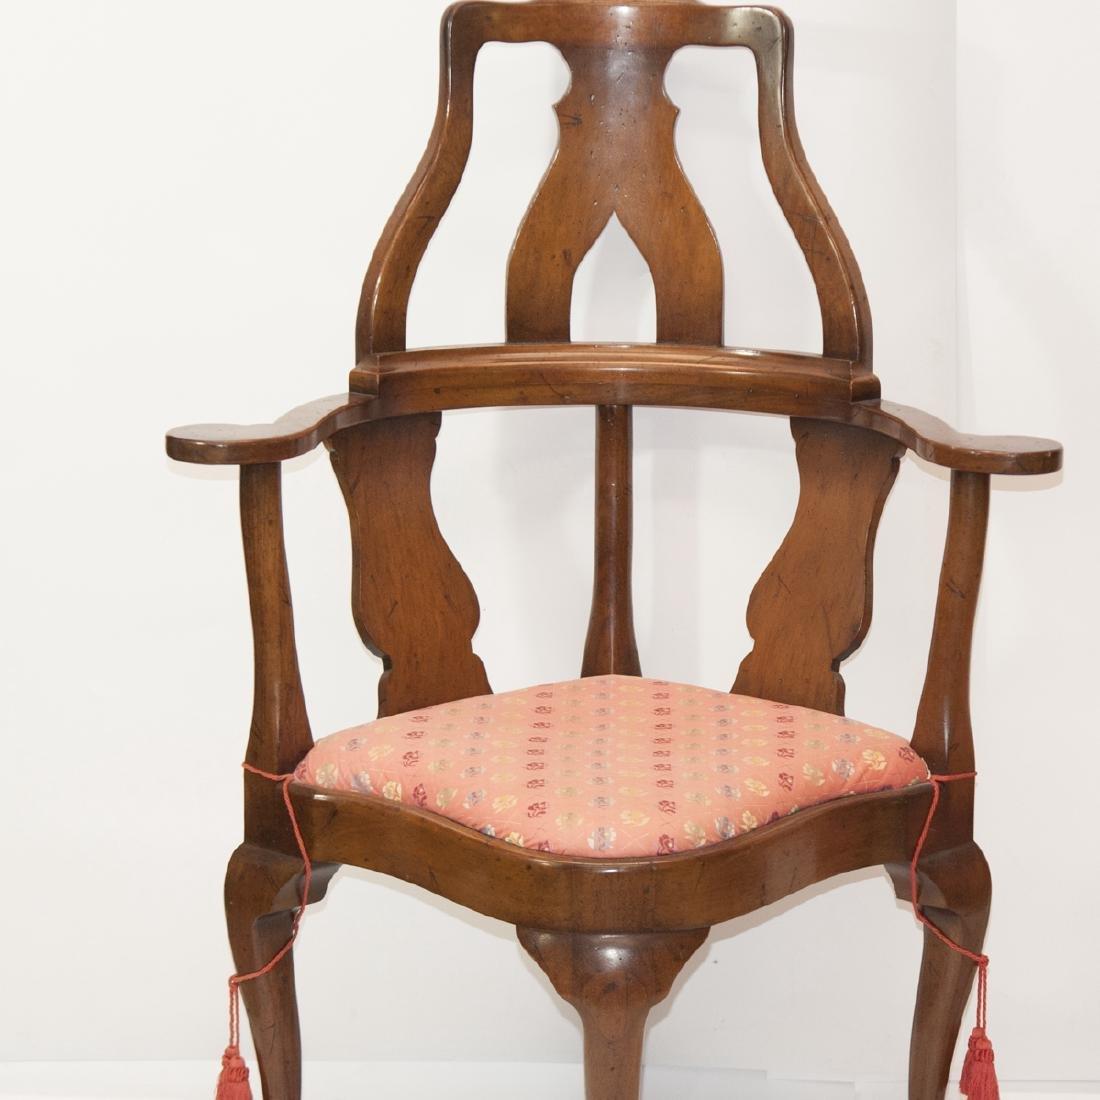 Antique Arm Chair & Ottoman - 4